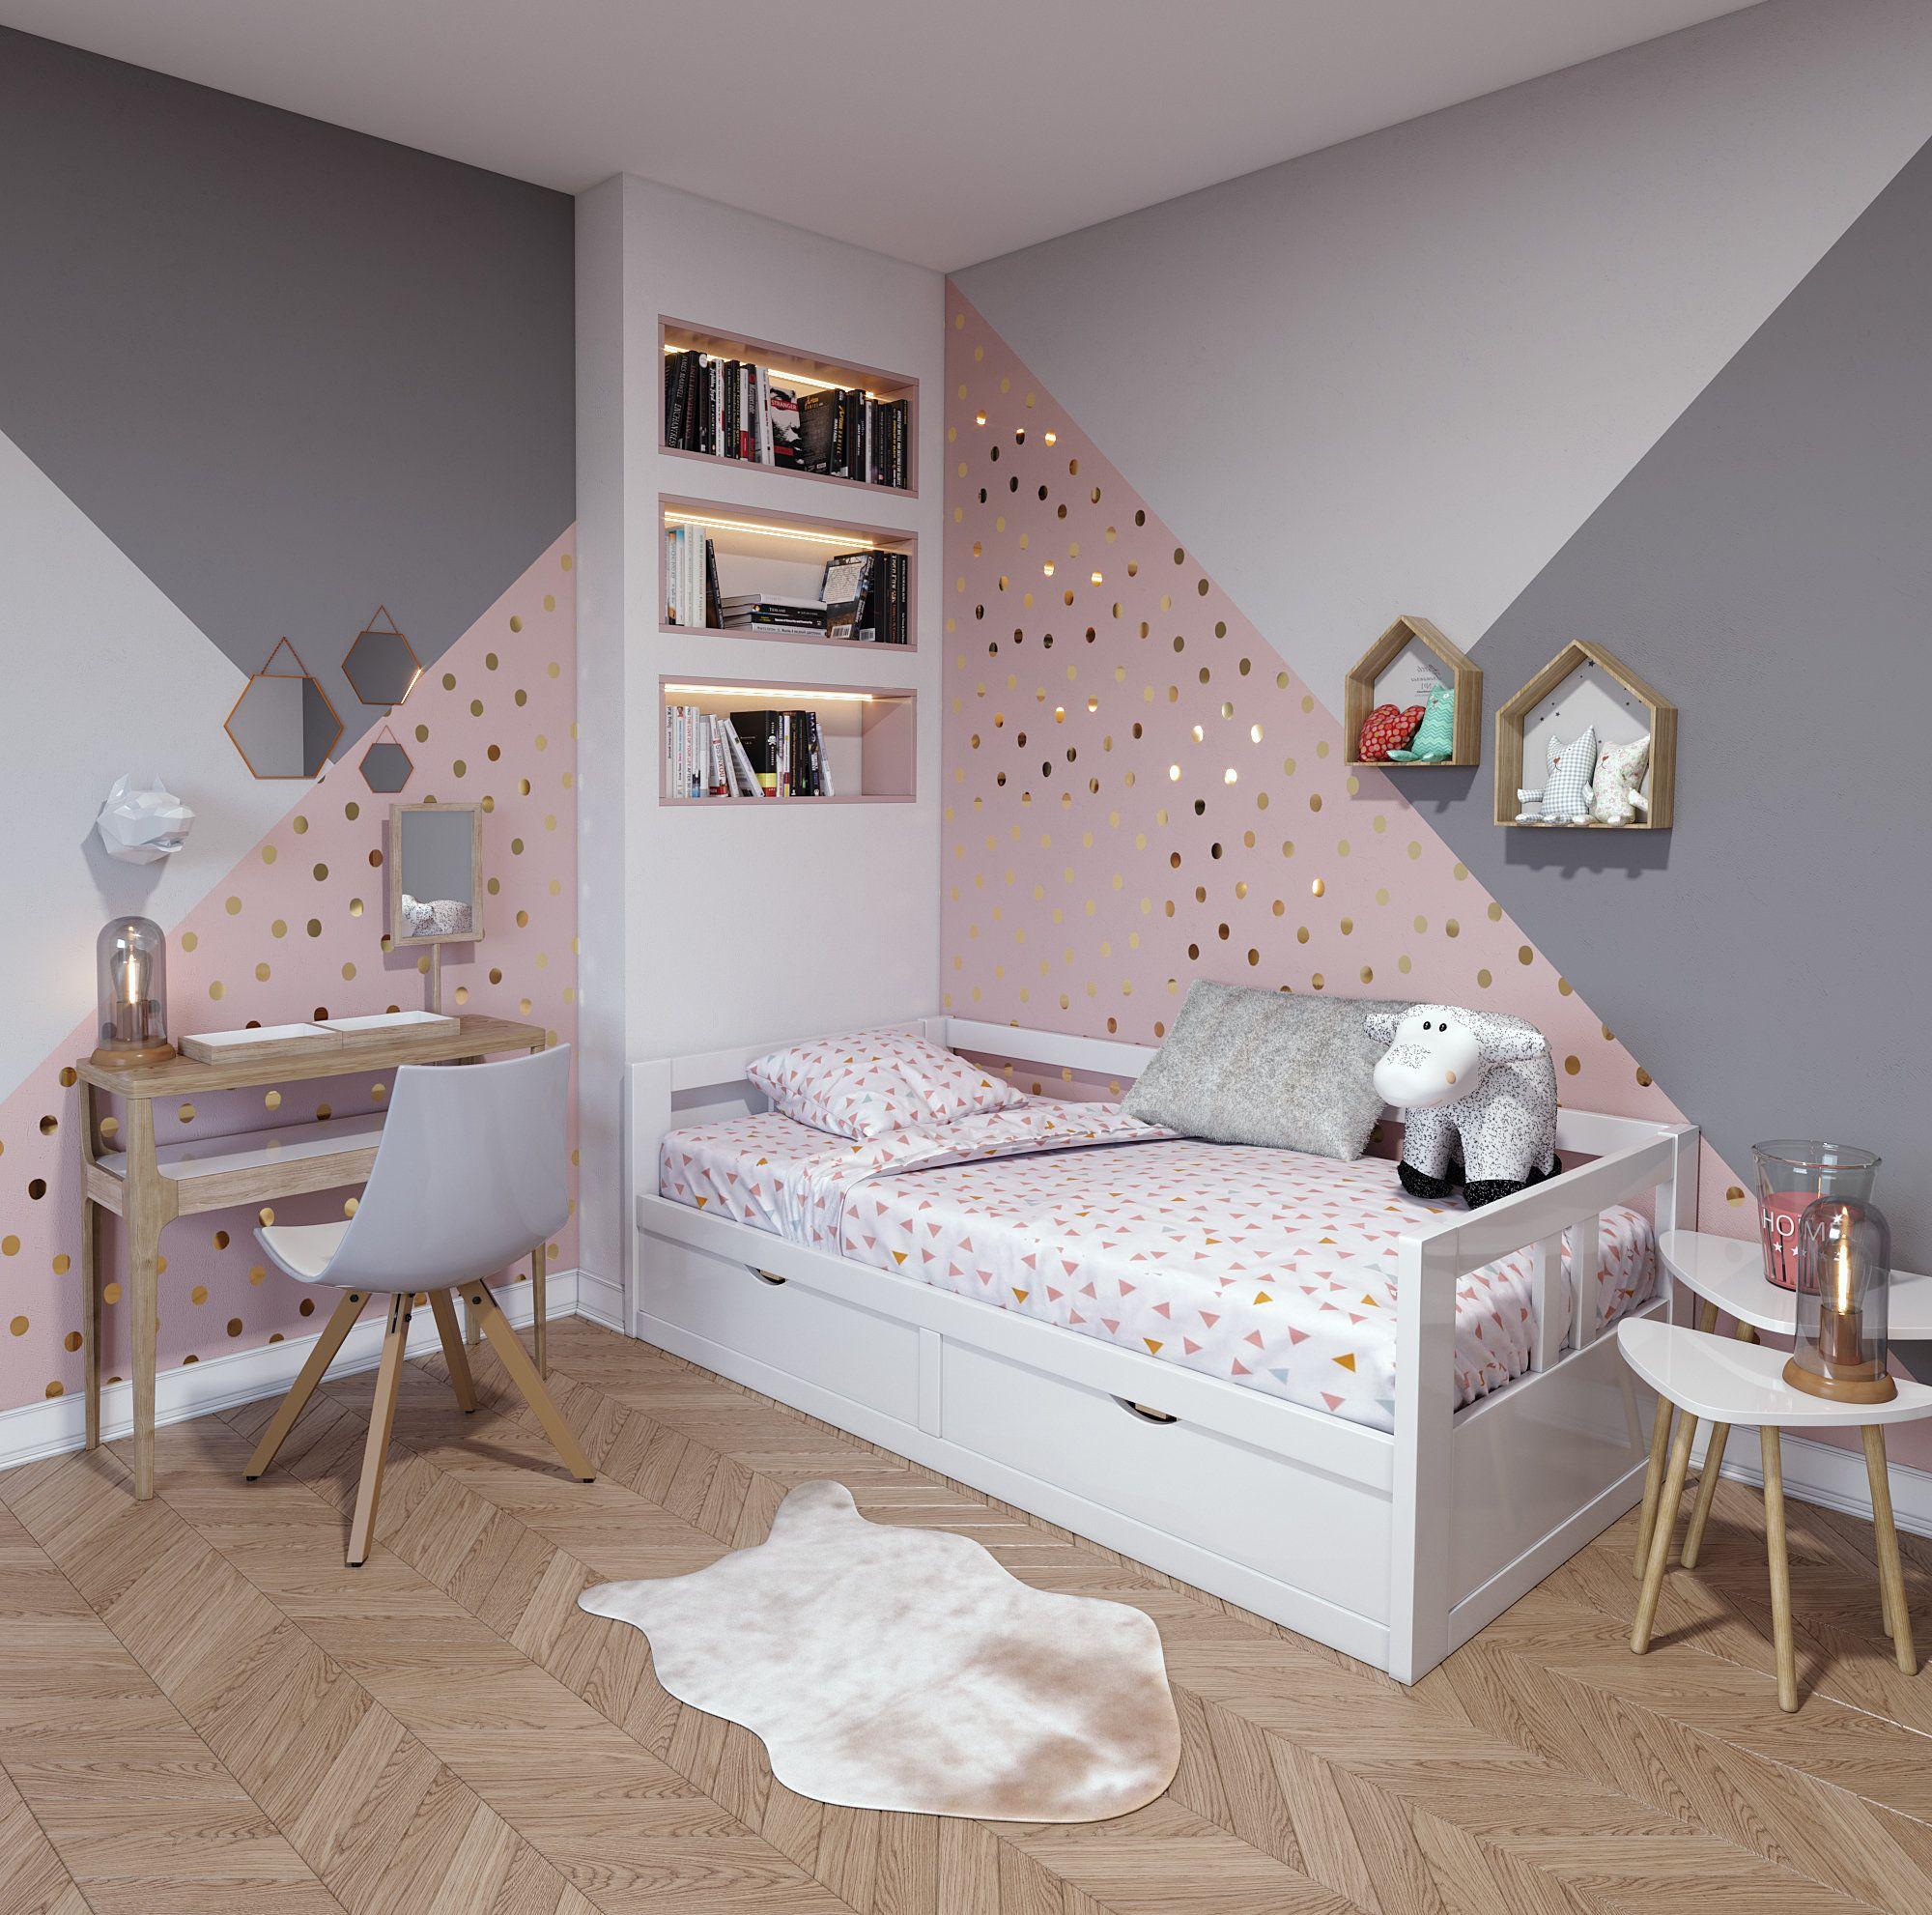 Chambre Beige Et Rose | Intérieur De Chambre à Coucher De Rose En ...